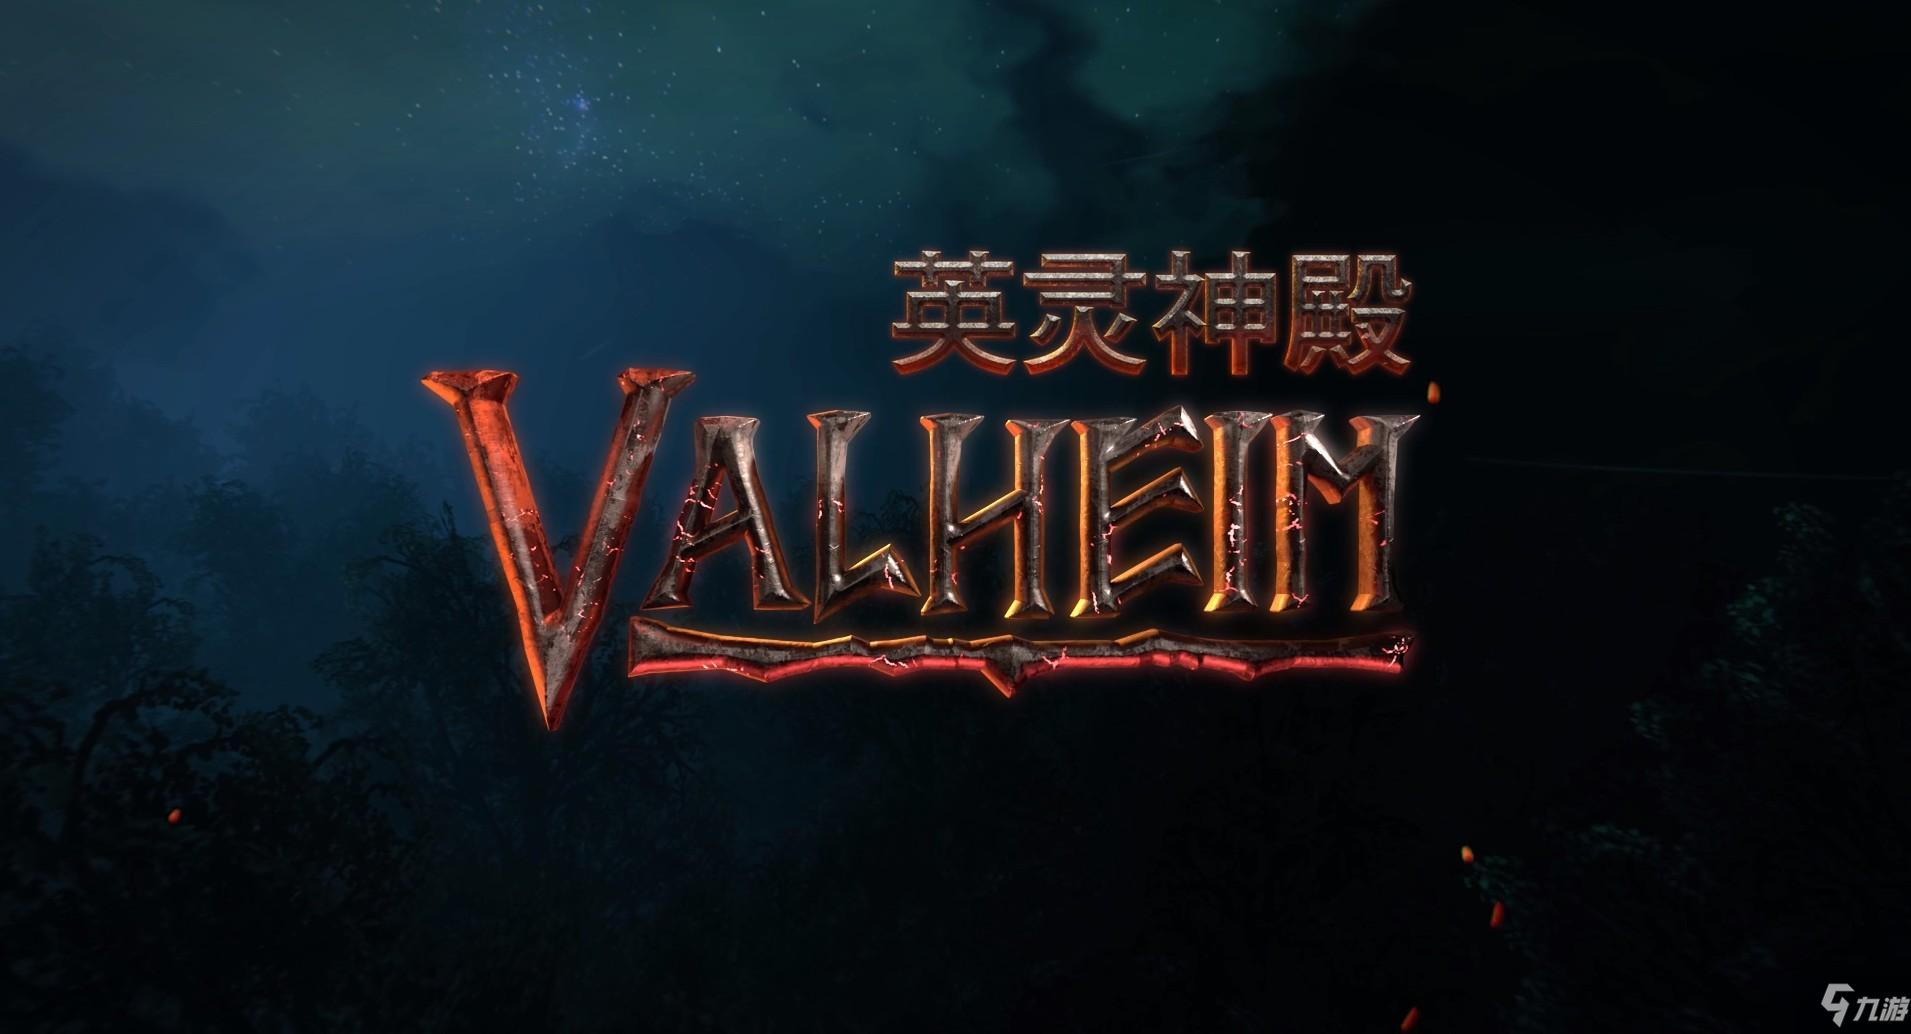 Valheim英灵神殿初期玩法攻略 各地区注意事项分享